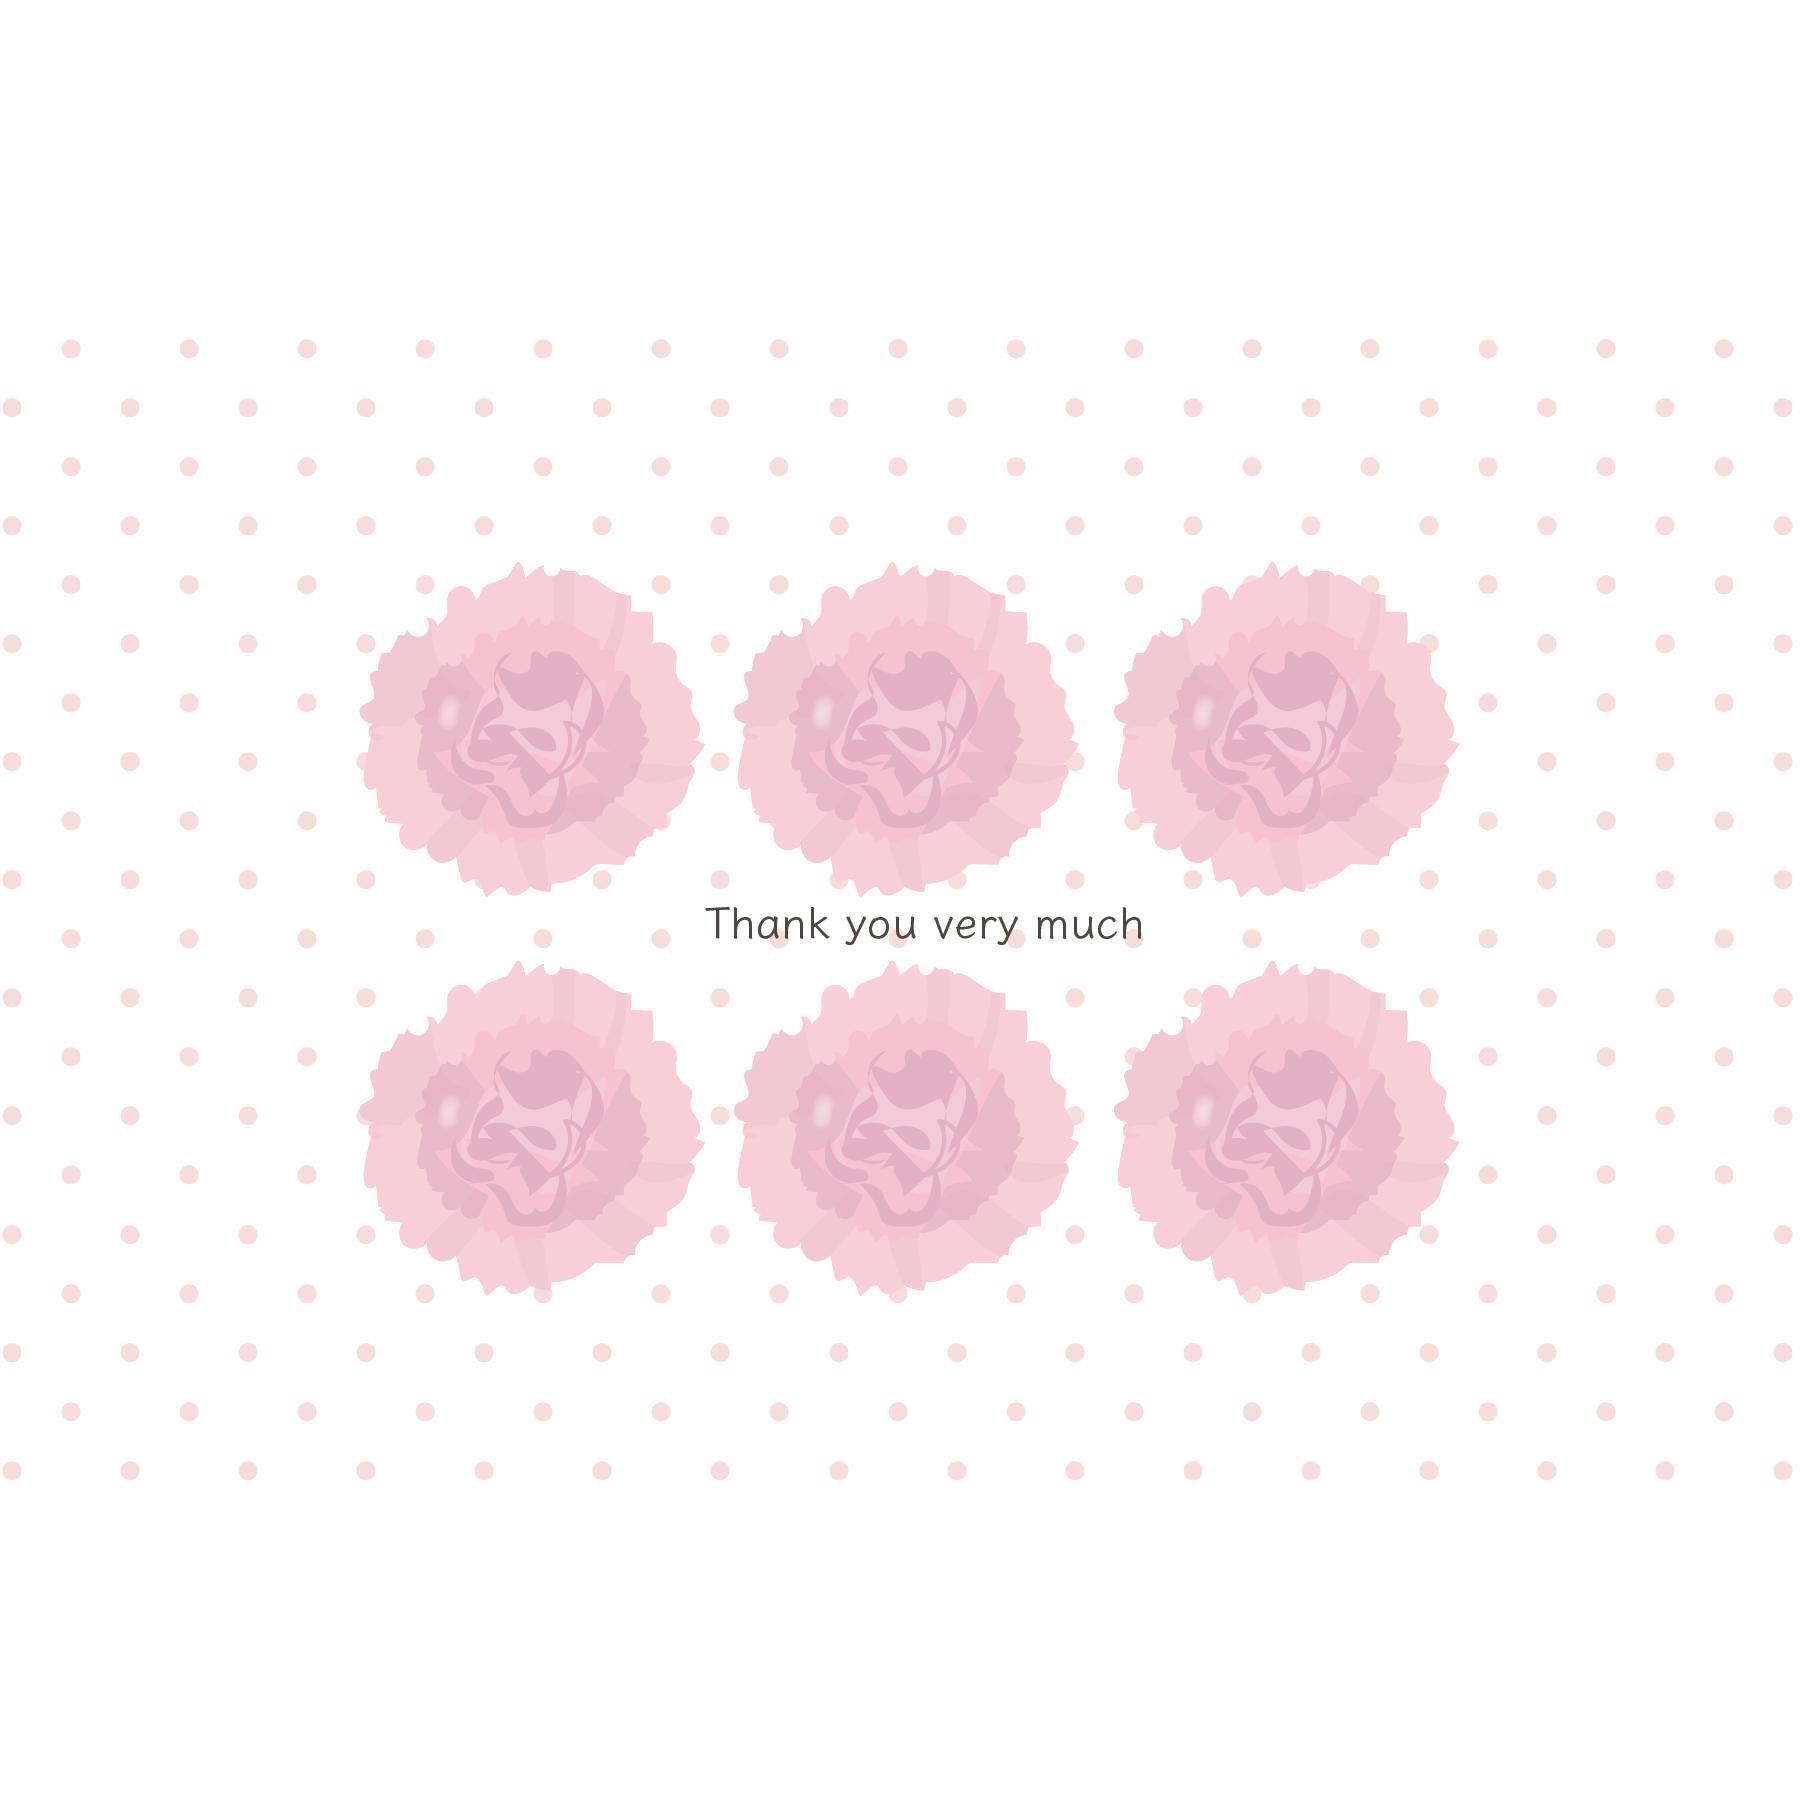 母の日のカーネーションと水玉のグリーティングカード(横)イラスト